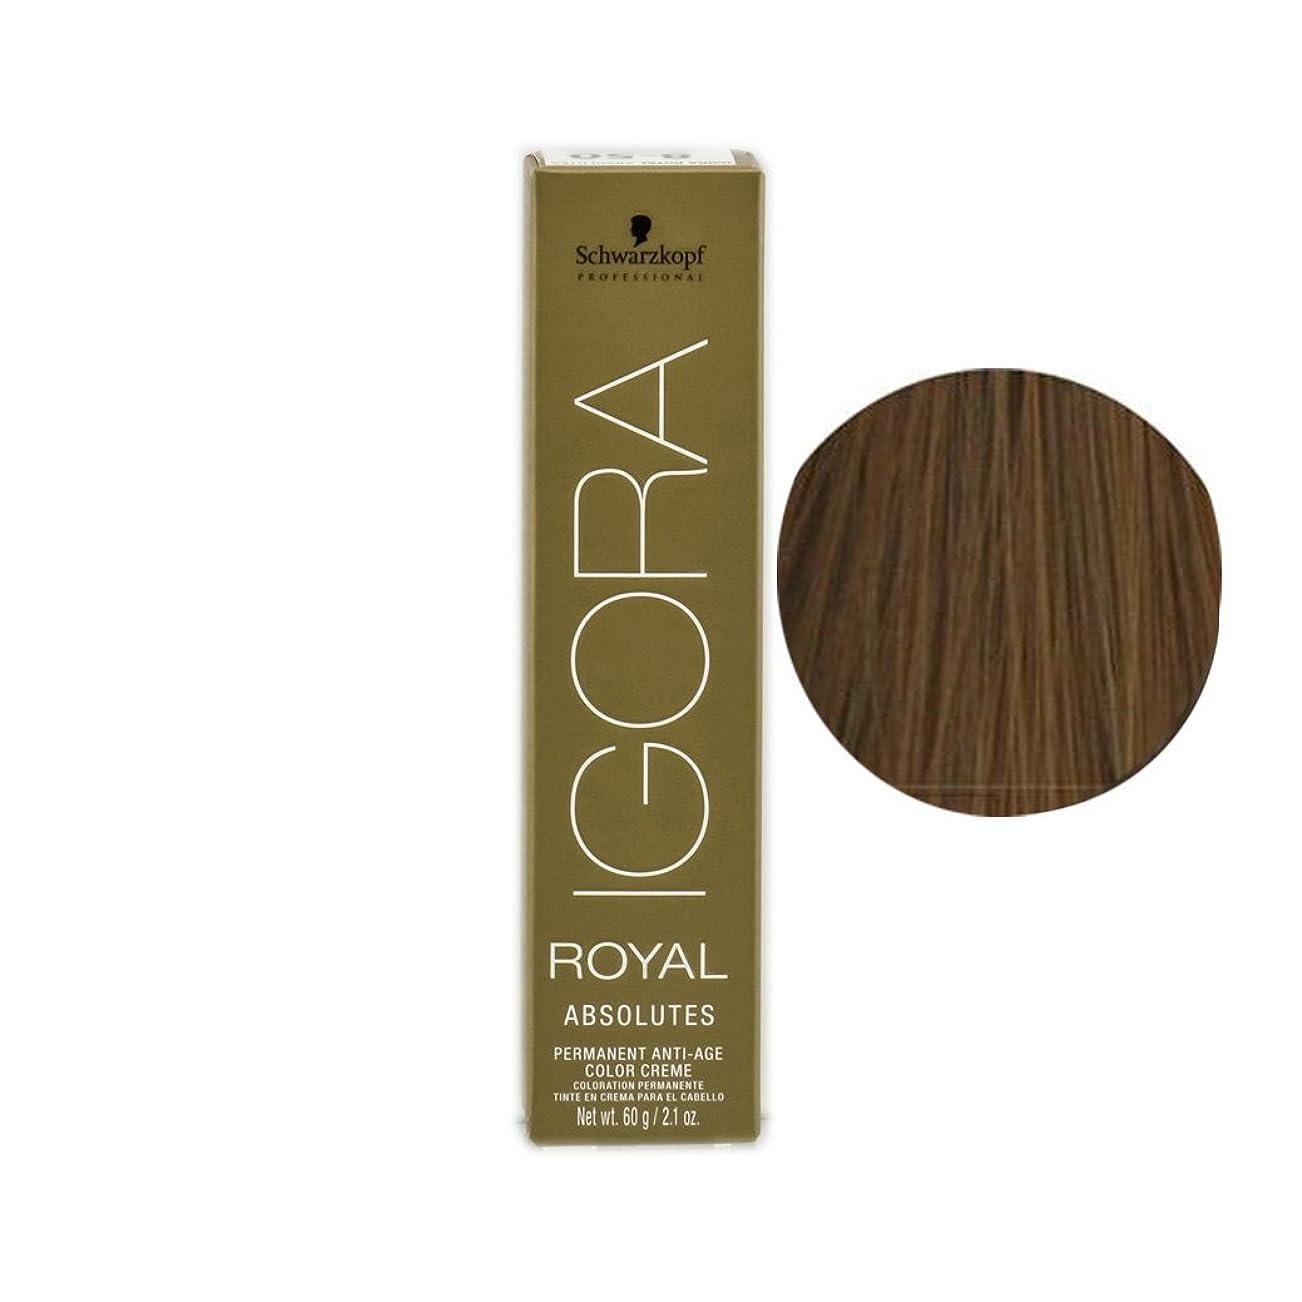 冬アルファベット順廃止するSchwarzkopf プロフェッショナルIGORAロイヤルアブソリュート髪の色、 8月7日、ライトブロンドナチュラル銅